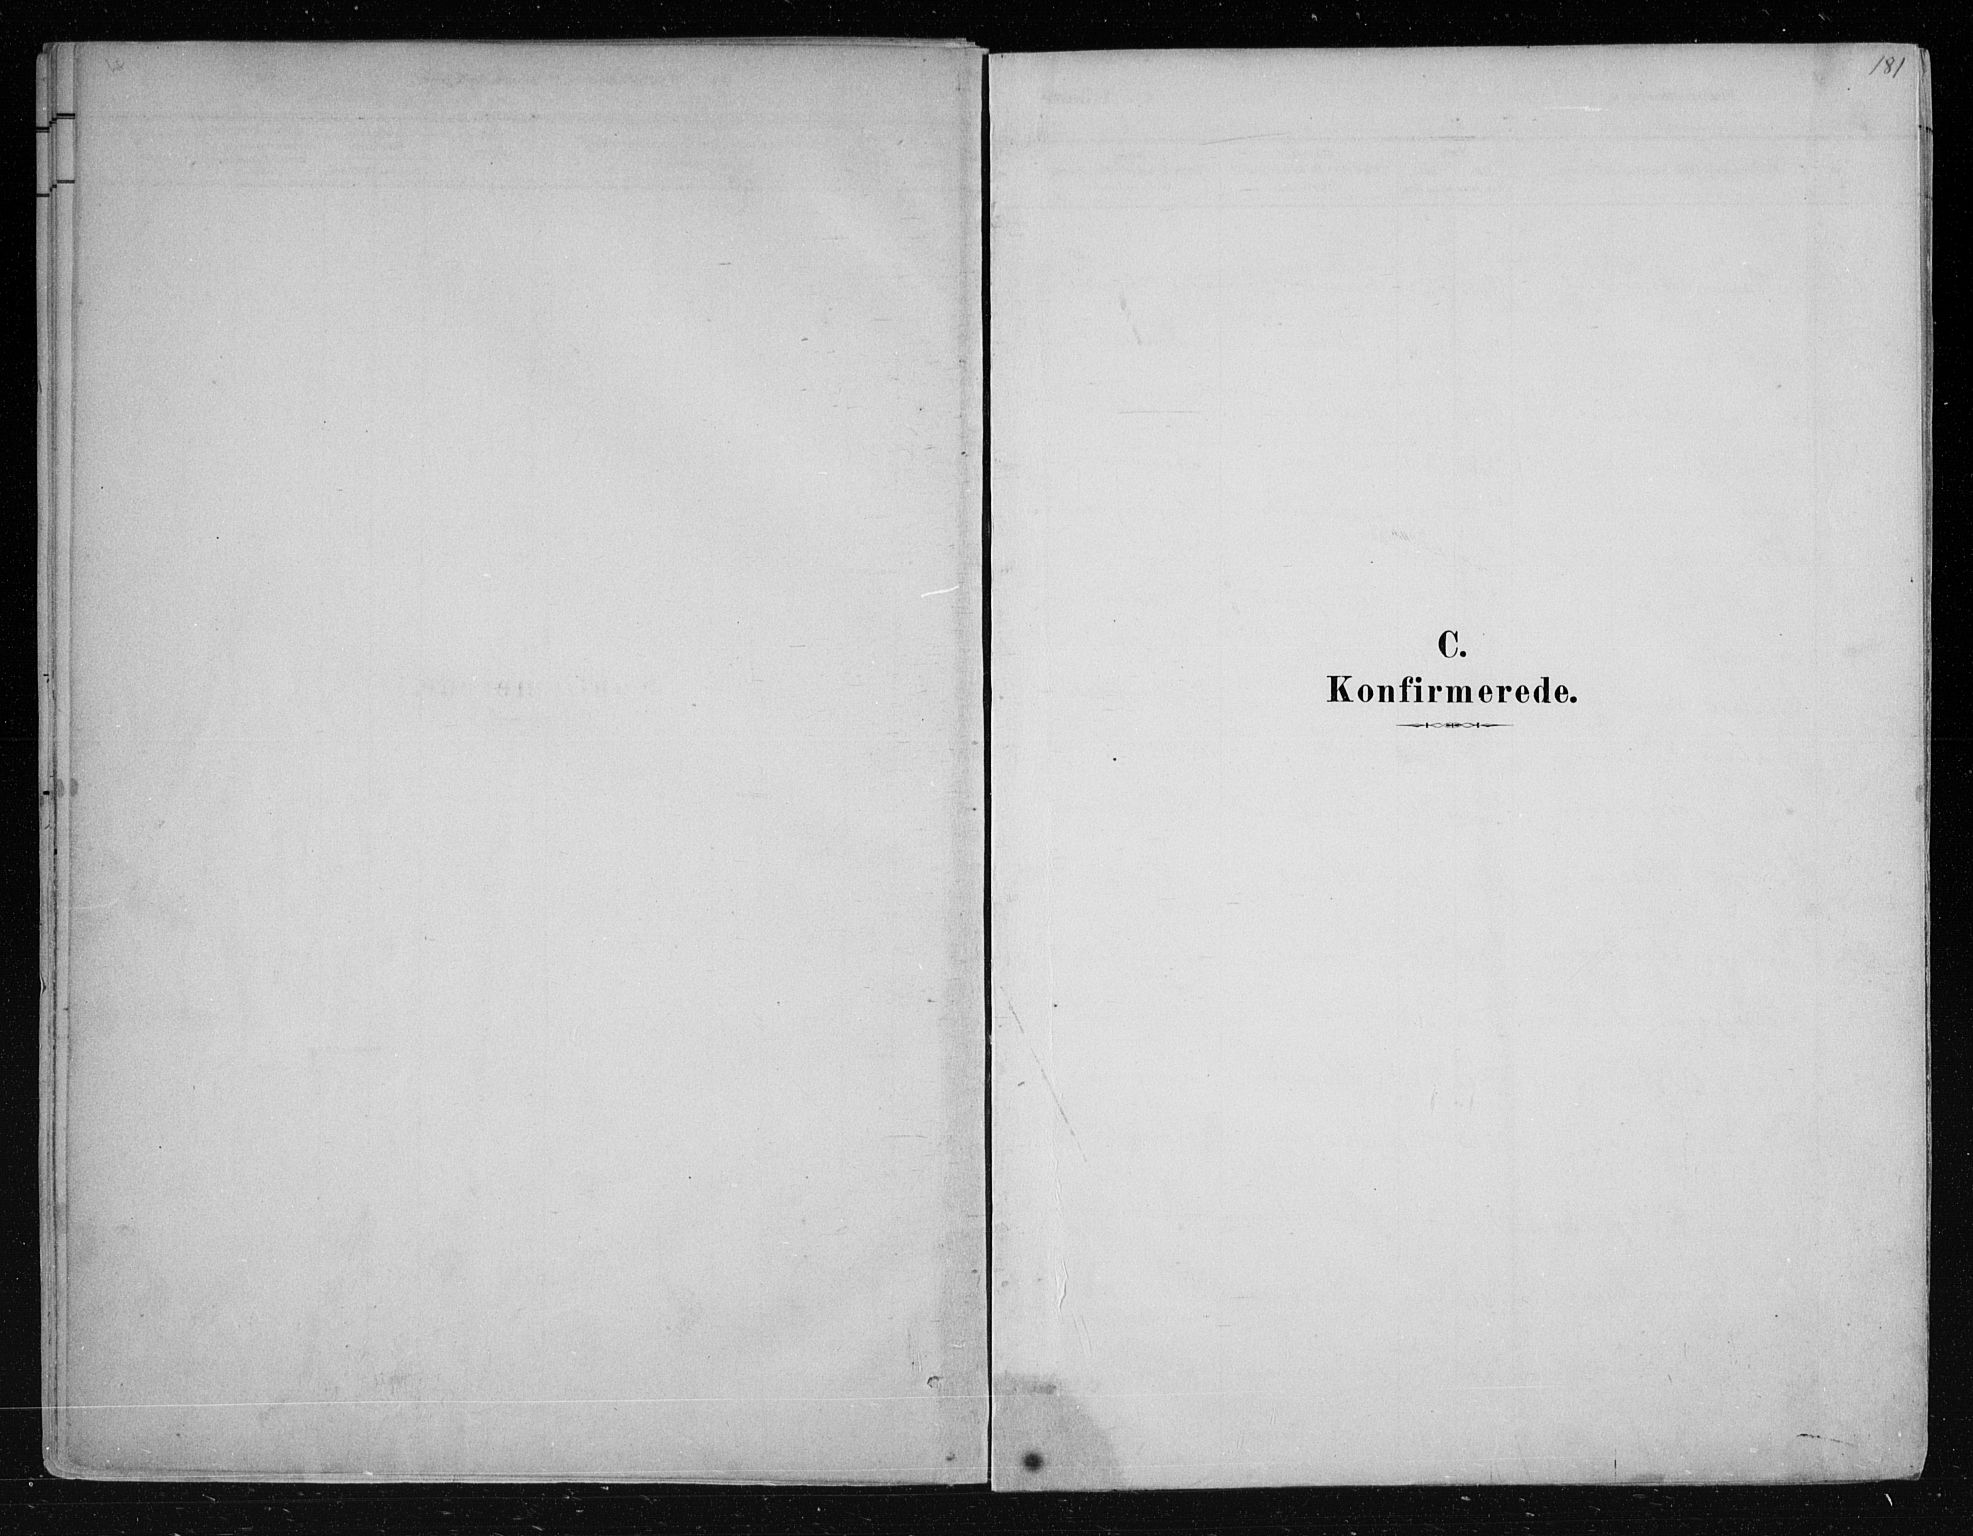 SAKO, Nes kirkebøker, F/Fa/L0011: Ministerialbok nr. 11, 1881-1912, s. 181